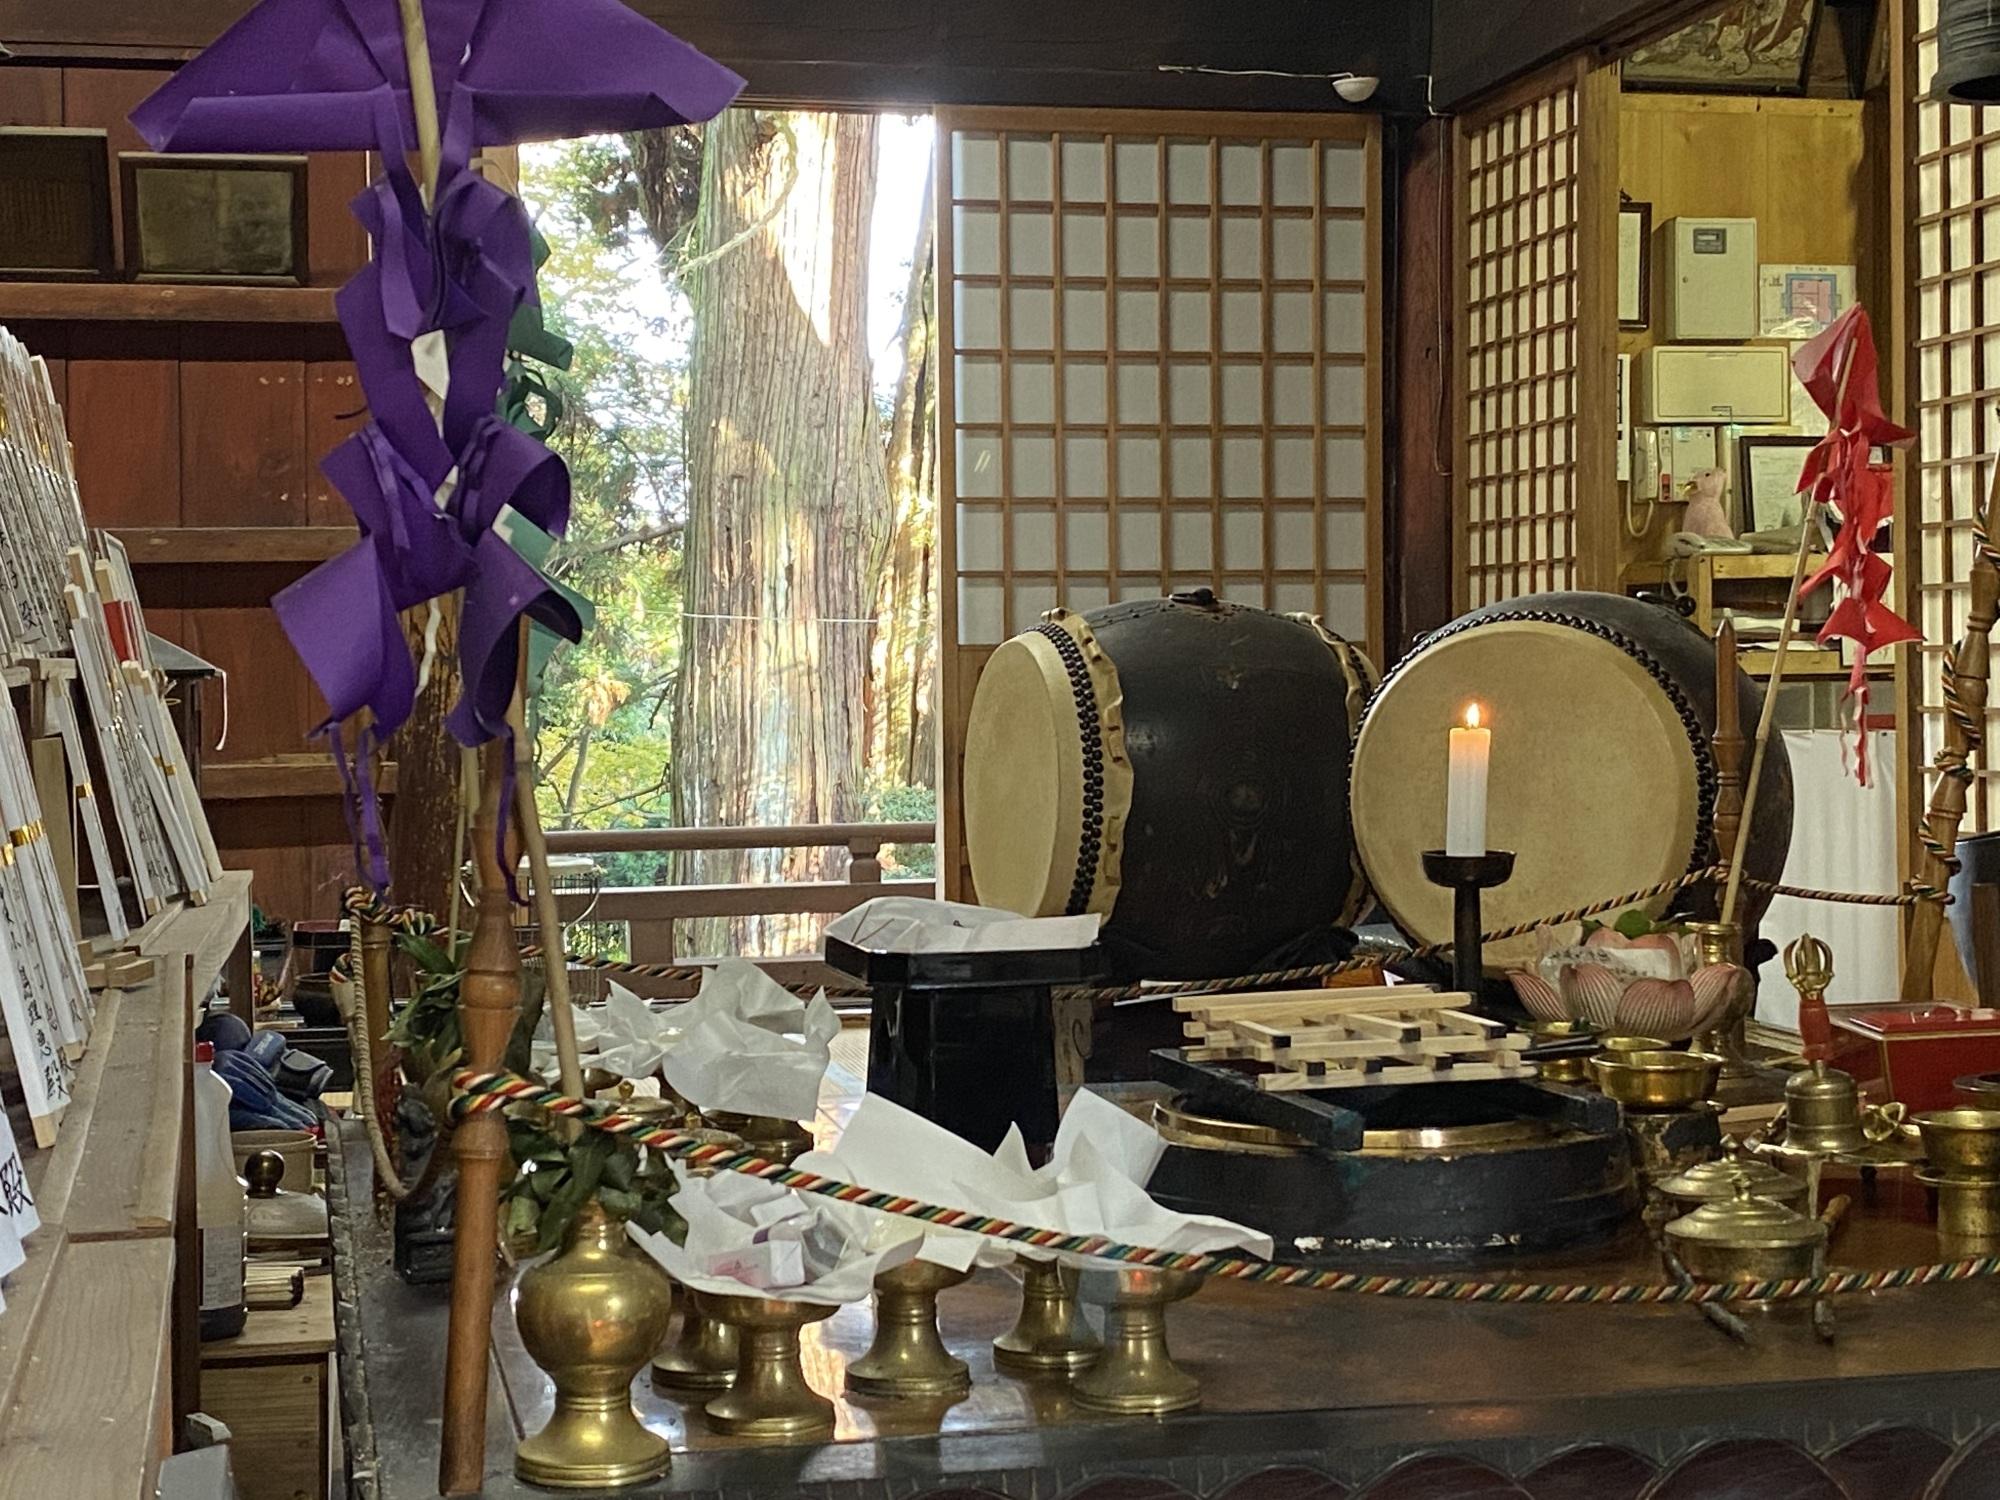 大岩山毘沙門天本堂内の護摩壇。窓の外には御神木の杉。